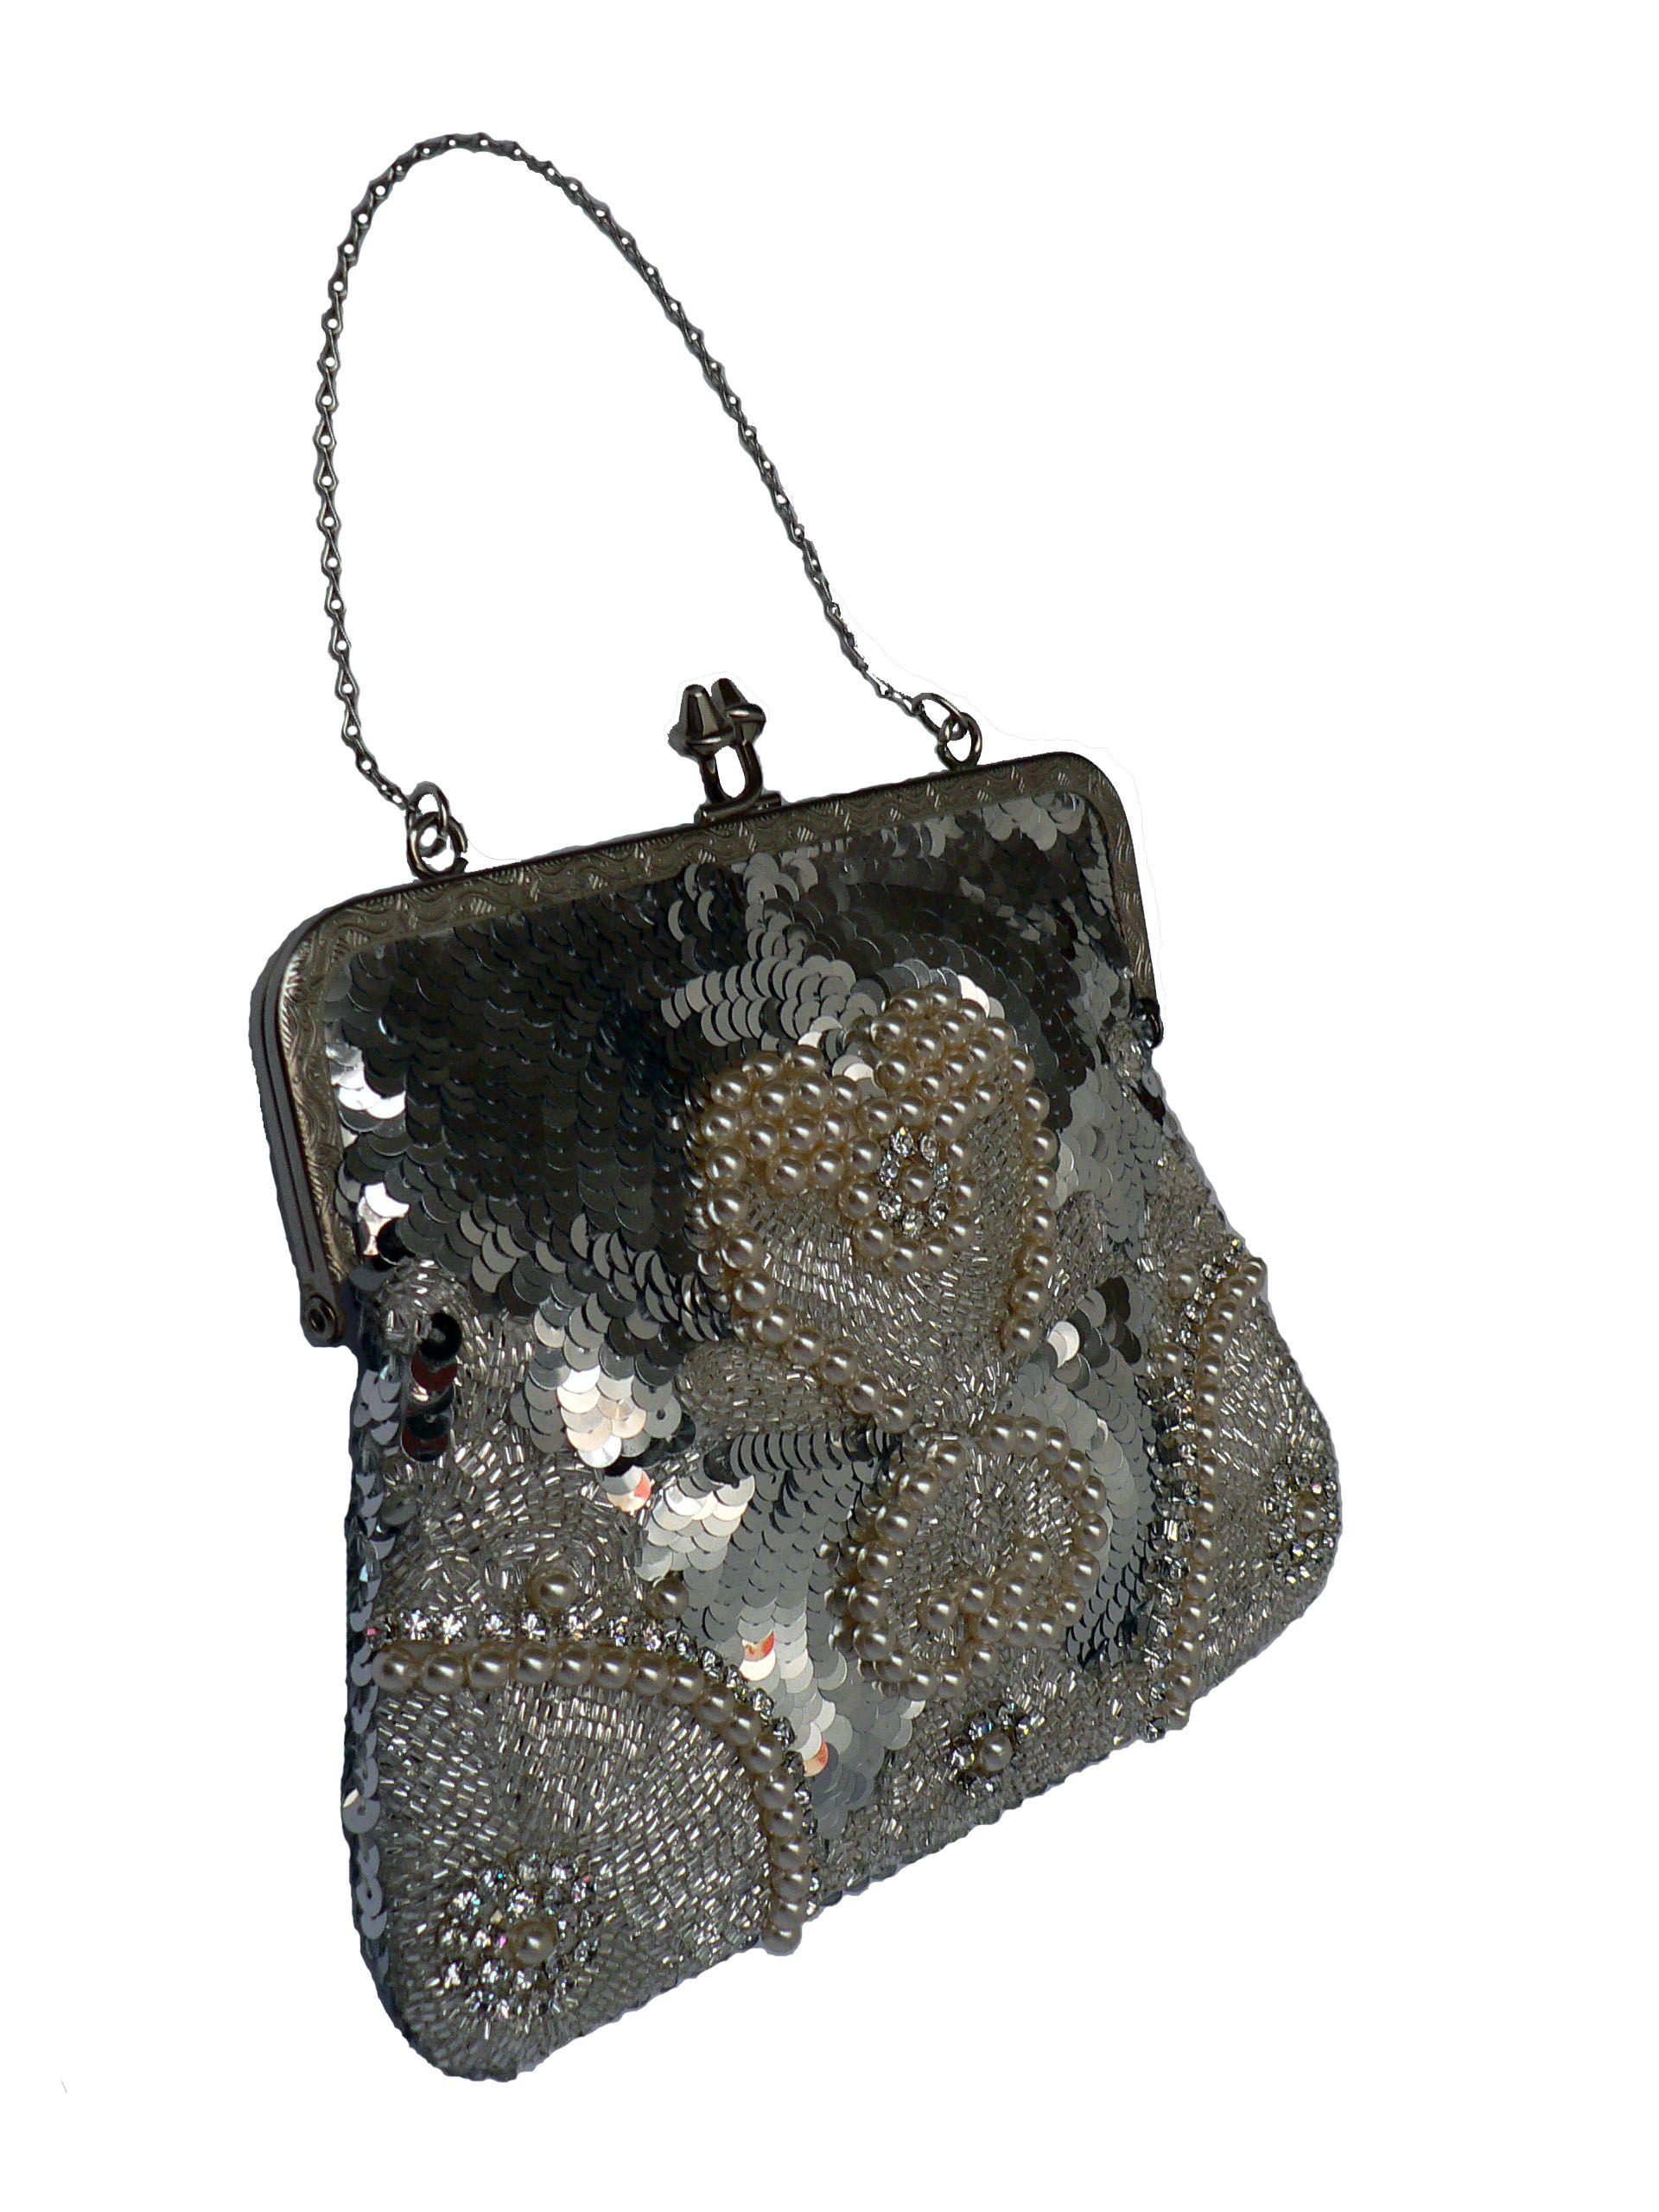 Cartera con cristales, piedras, perlas, lentejuelas y